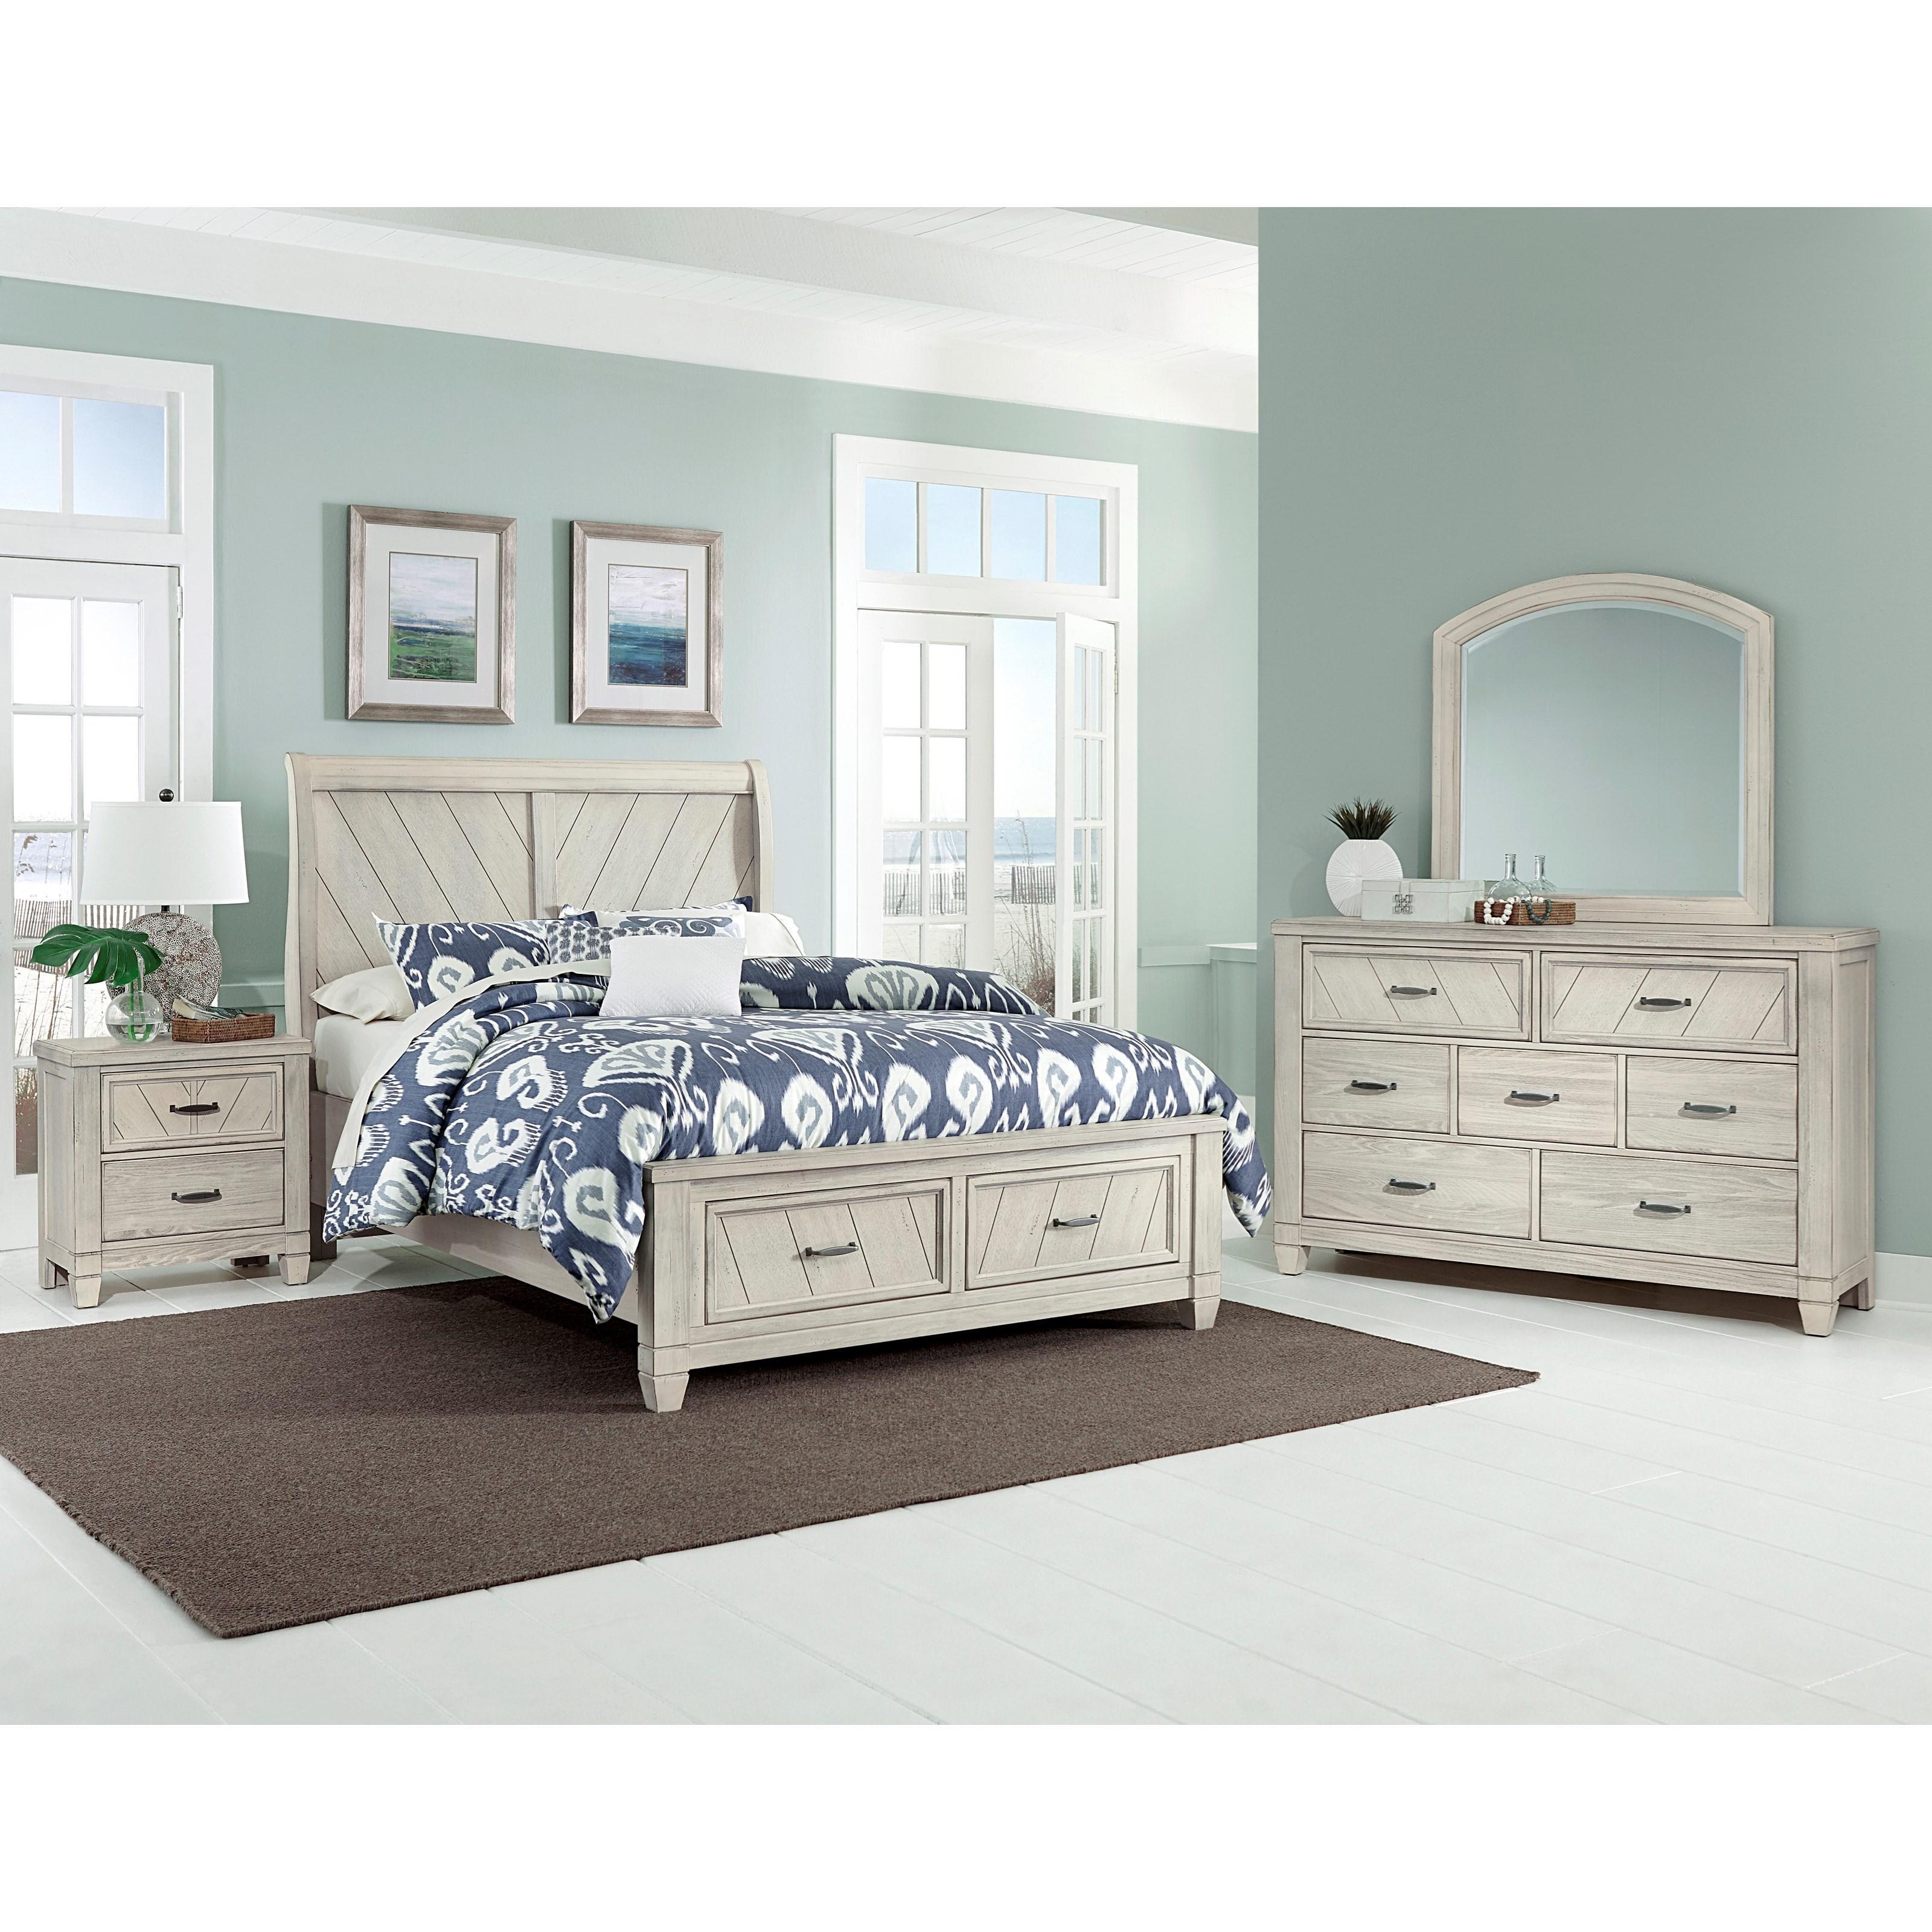 Vaughan Bassett Rustic Cottage Queen Bedroom Group - Item Number: 644 Q Bedroom Group 4